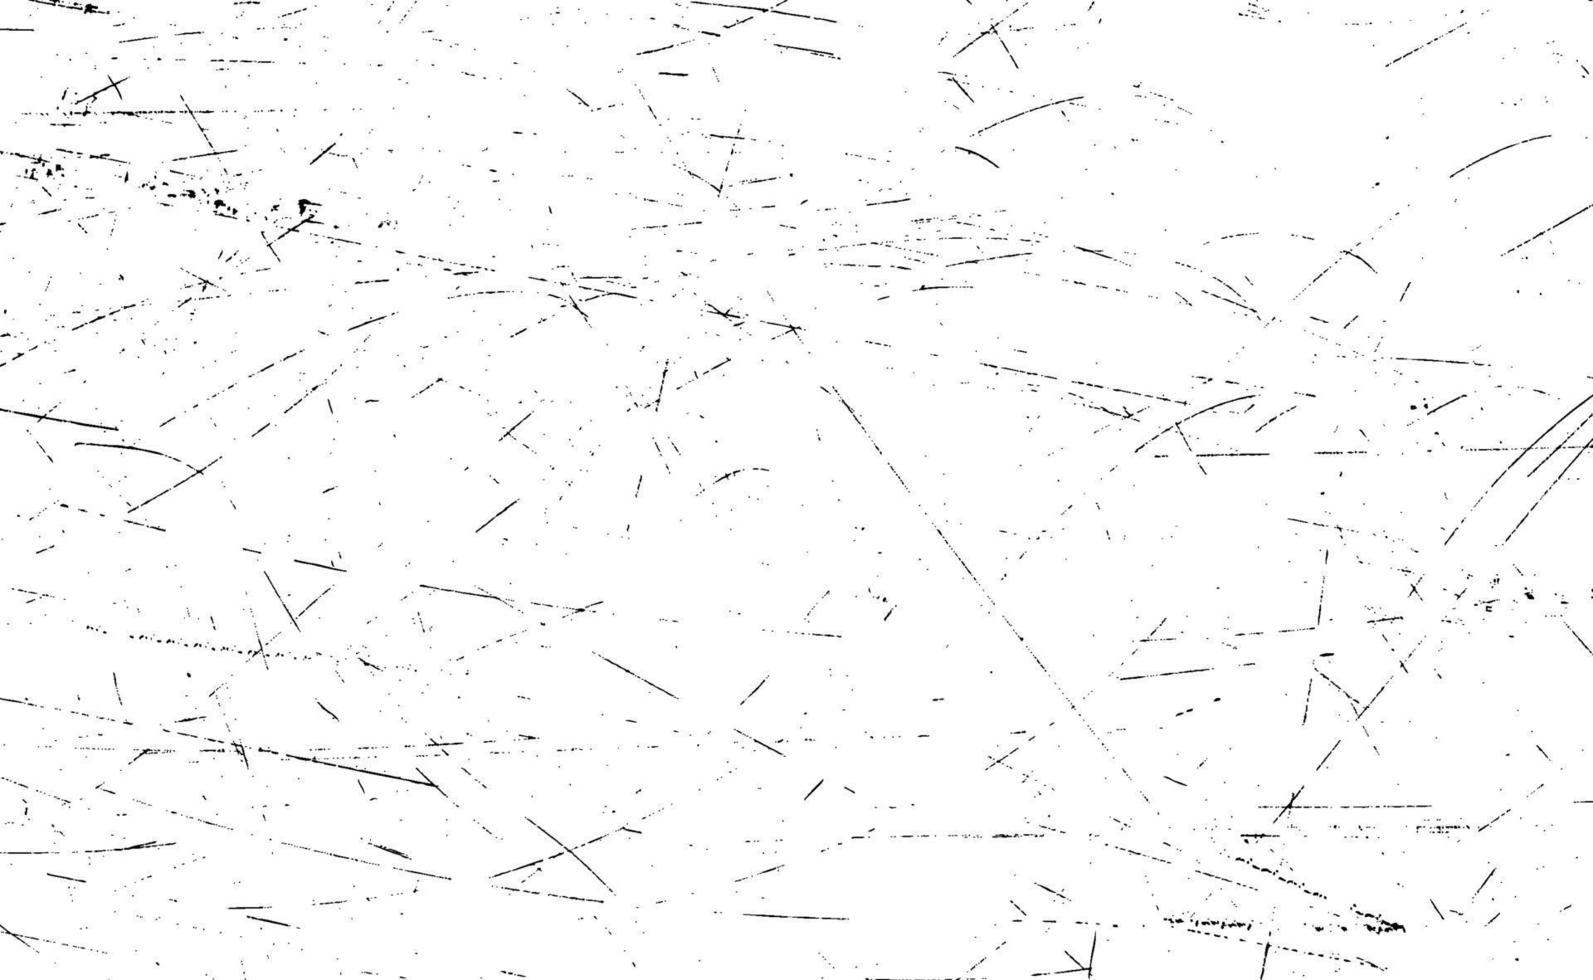 grunge linhas pretas e pontos em um fundo branco - ilustração vetorial vetor